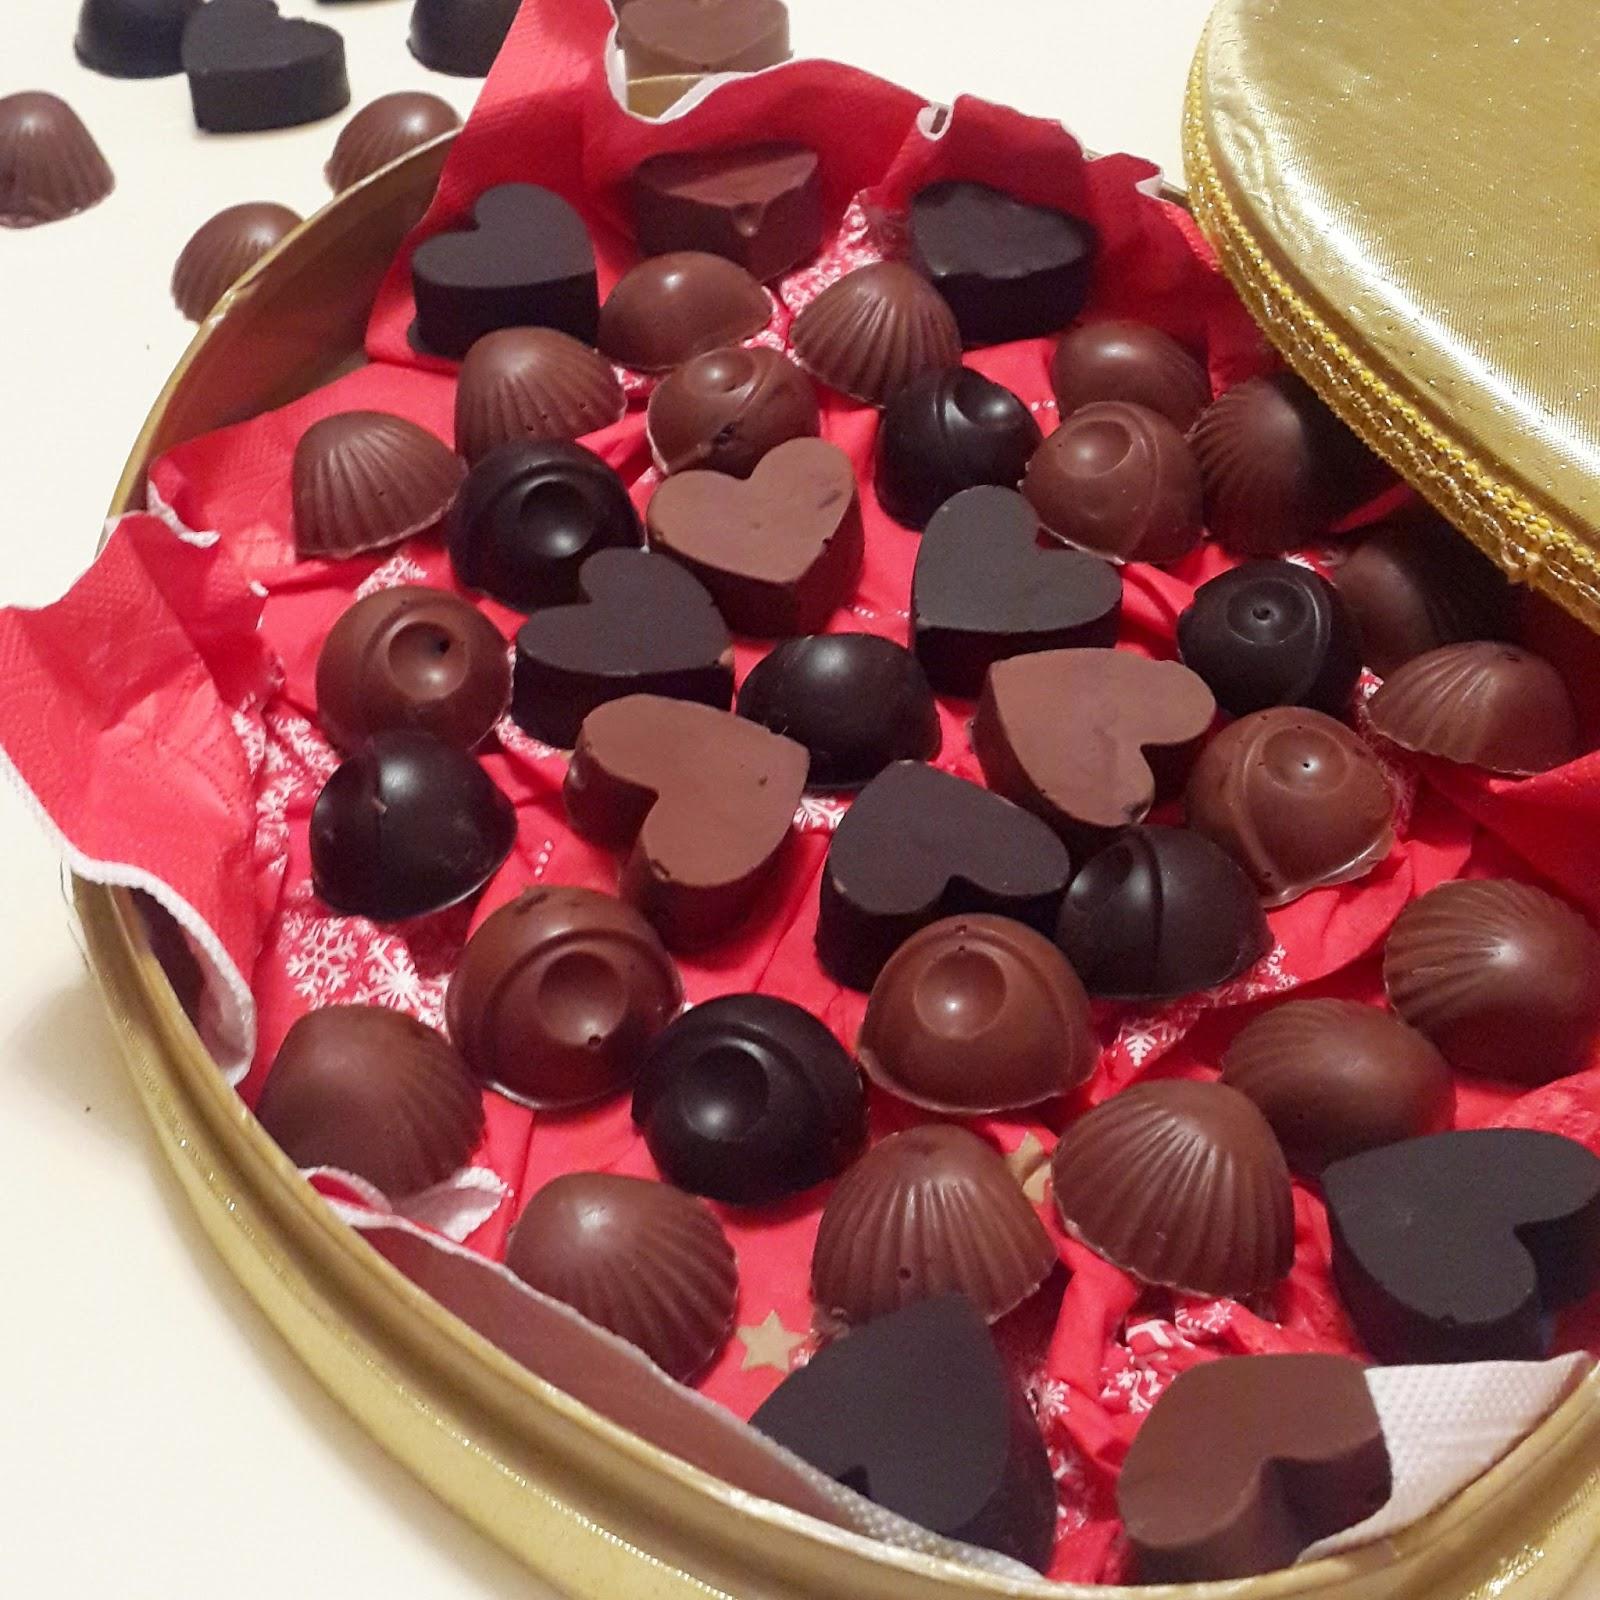 Evde Bayram Çikolatası Nasıl Yapılır